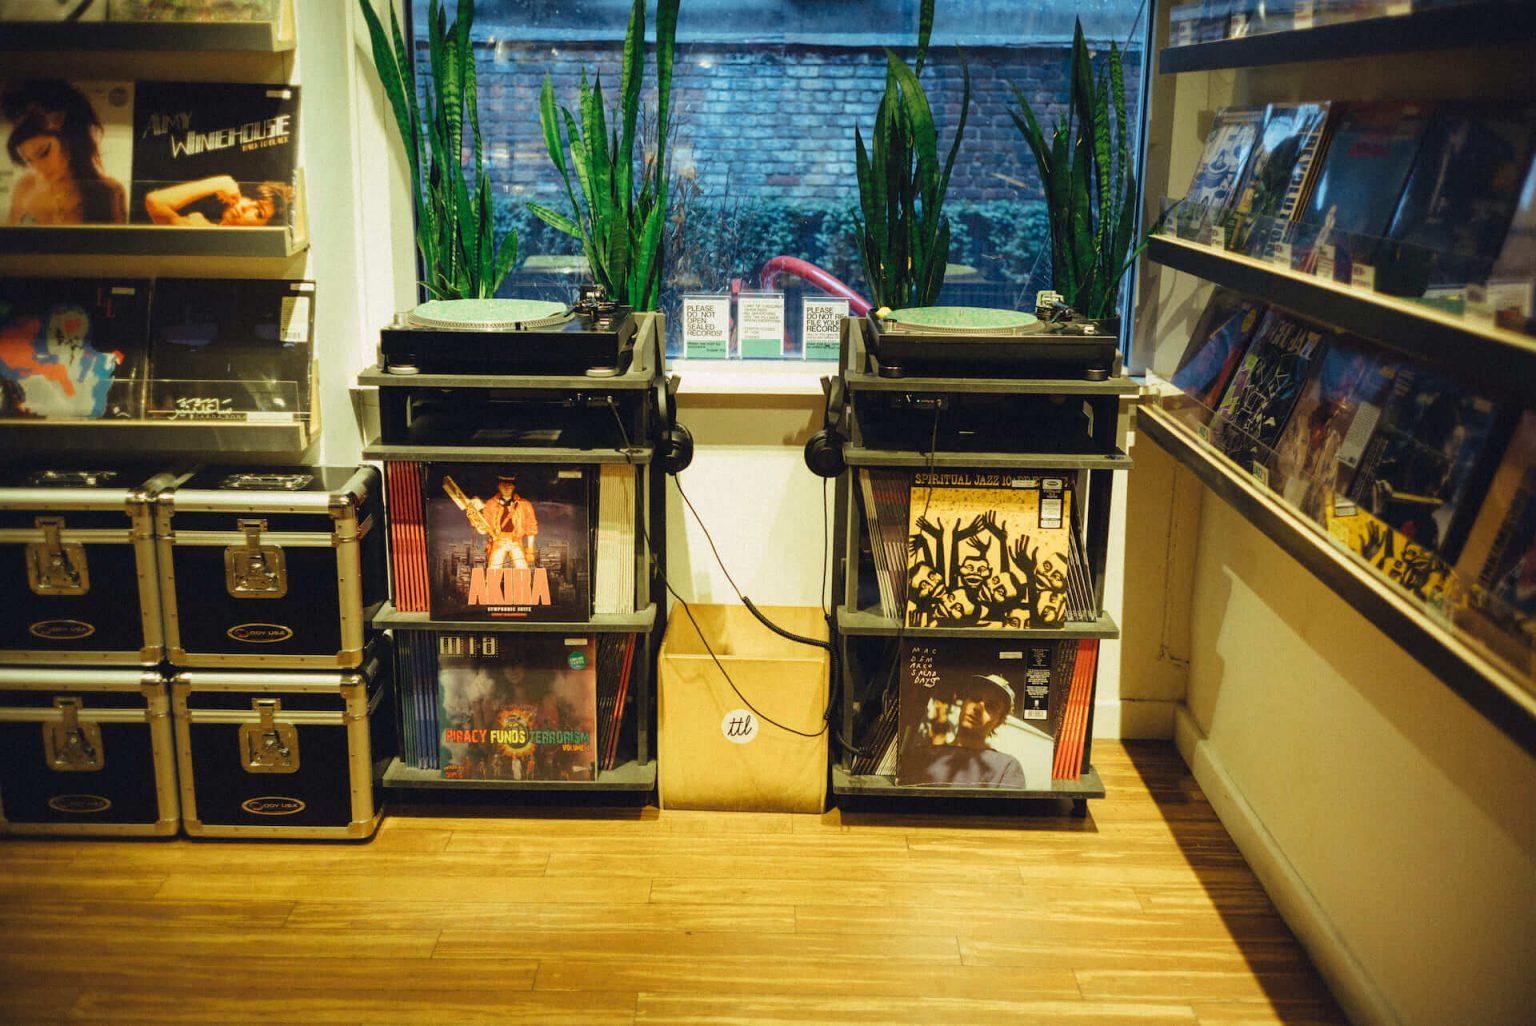 1999年、NYC・大学寮の一室で始まったレコードショップの現在。すべてのDJに開かれた店「Turntable Lab」